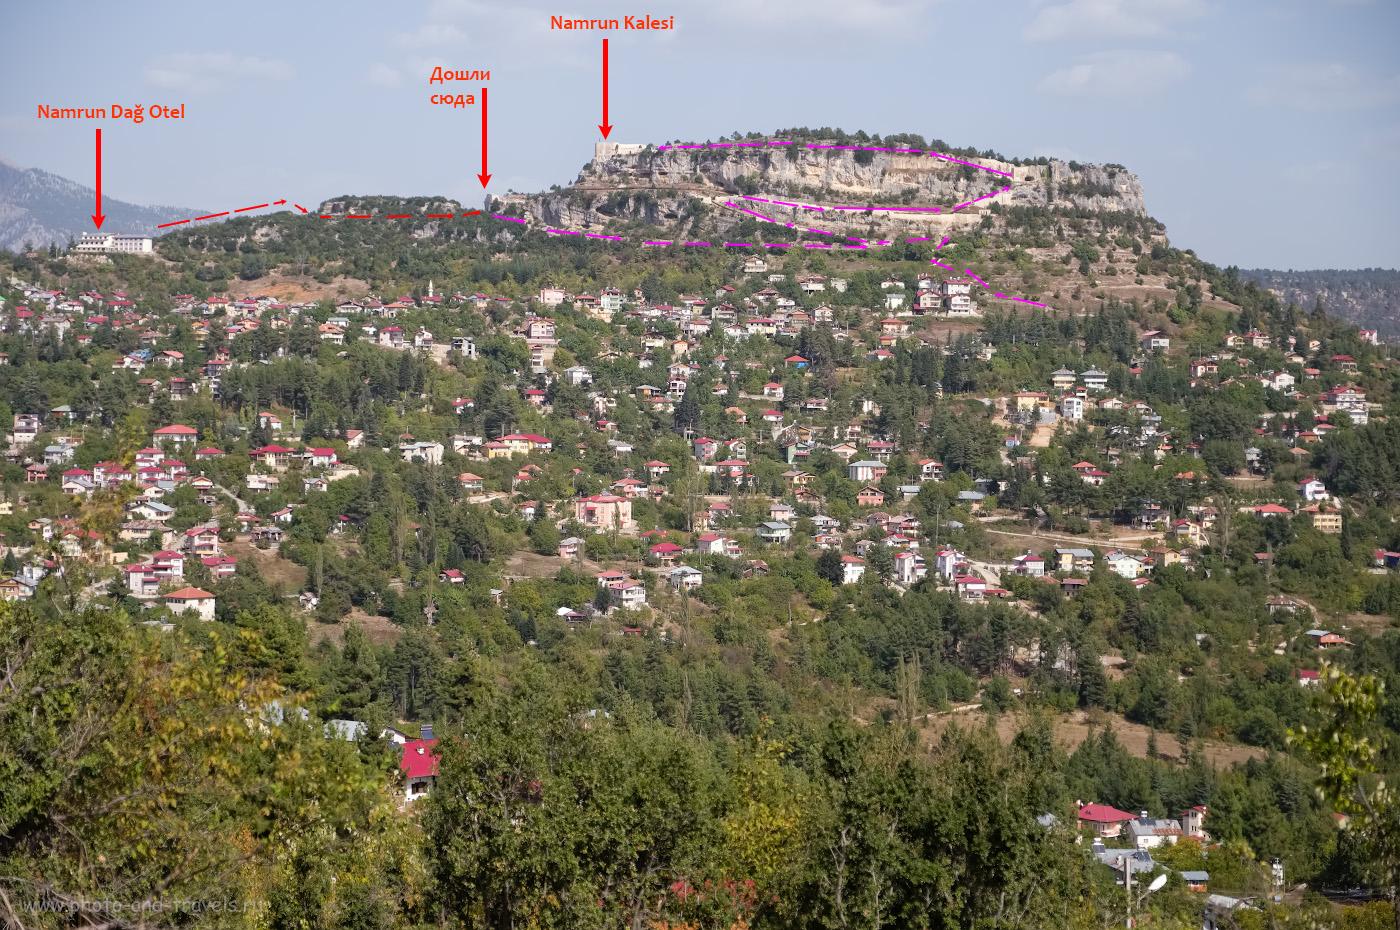 Фотография 25. Замок Намрун (Namrun Kalesi), что высится над городком Чамлыяйла в провинции Мерсин в восточной части Средиземного моря Турции. 1/4000, 2.8, 200, -0.33, 48.